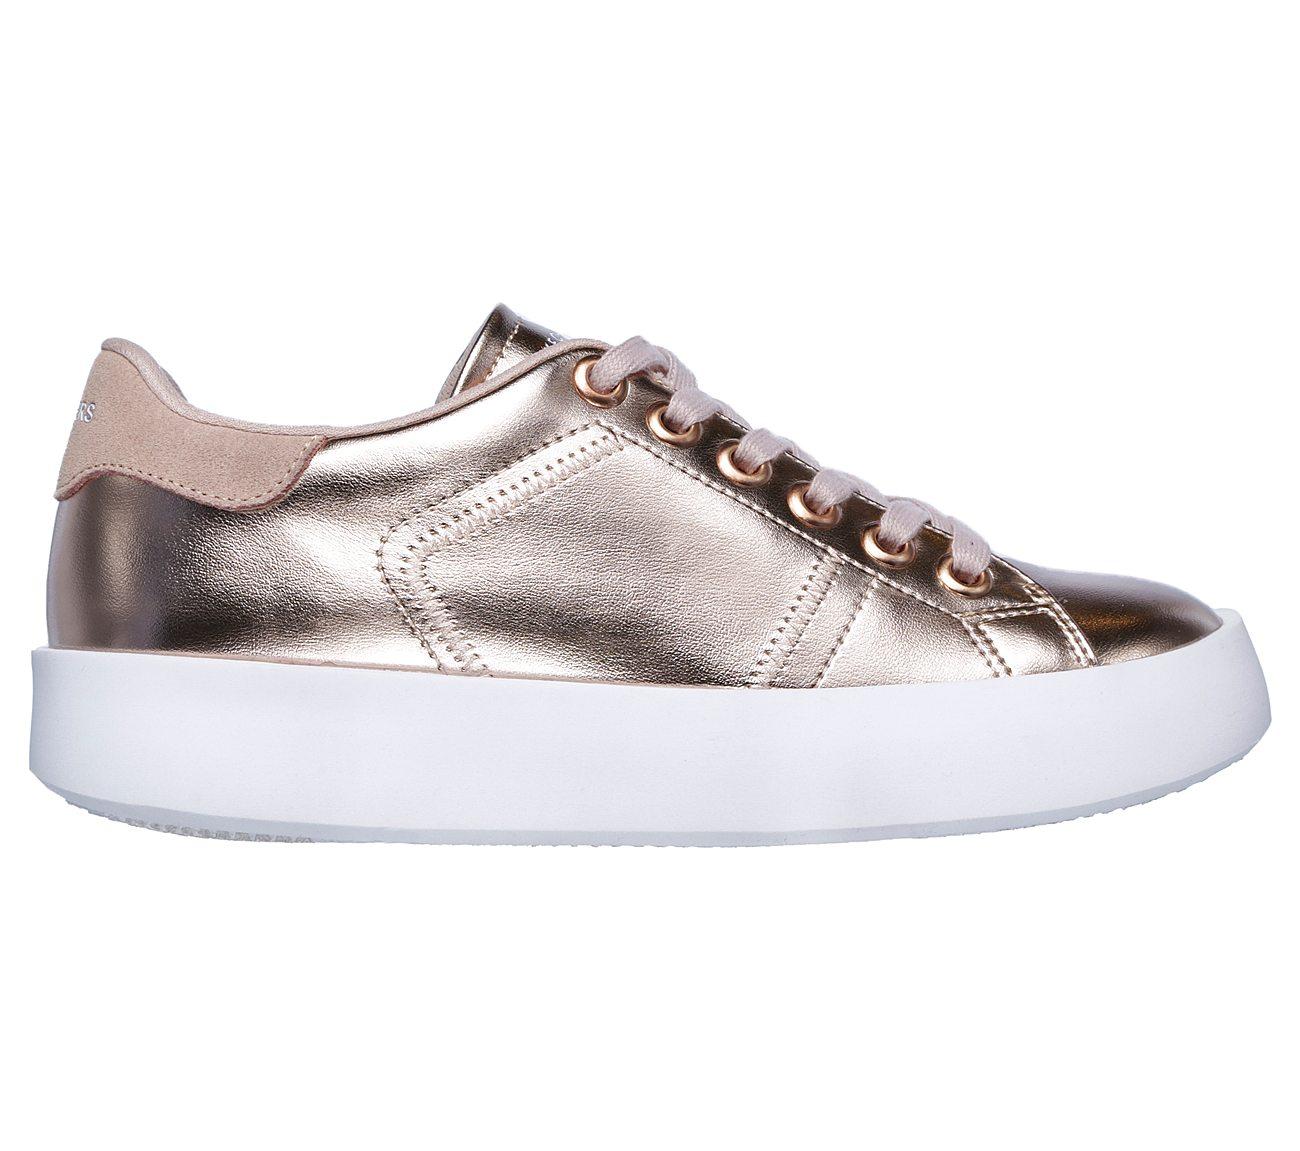 Skechers Traffic Shoetopia Sneaker (Women's) VunKk7zNdE